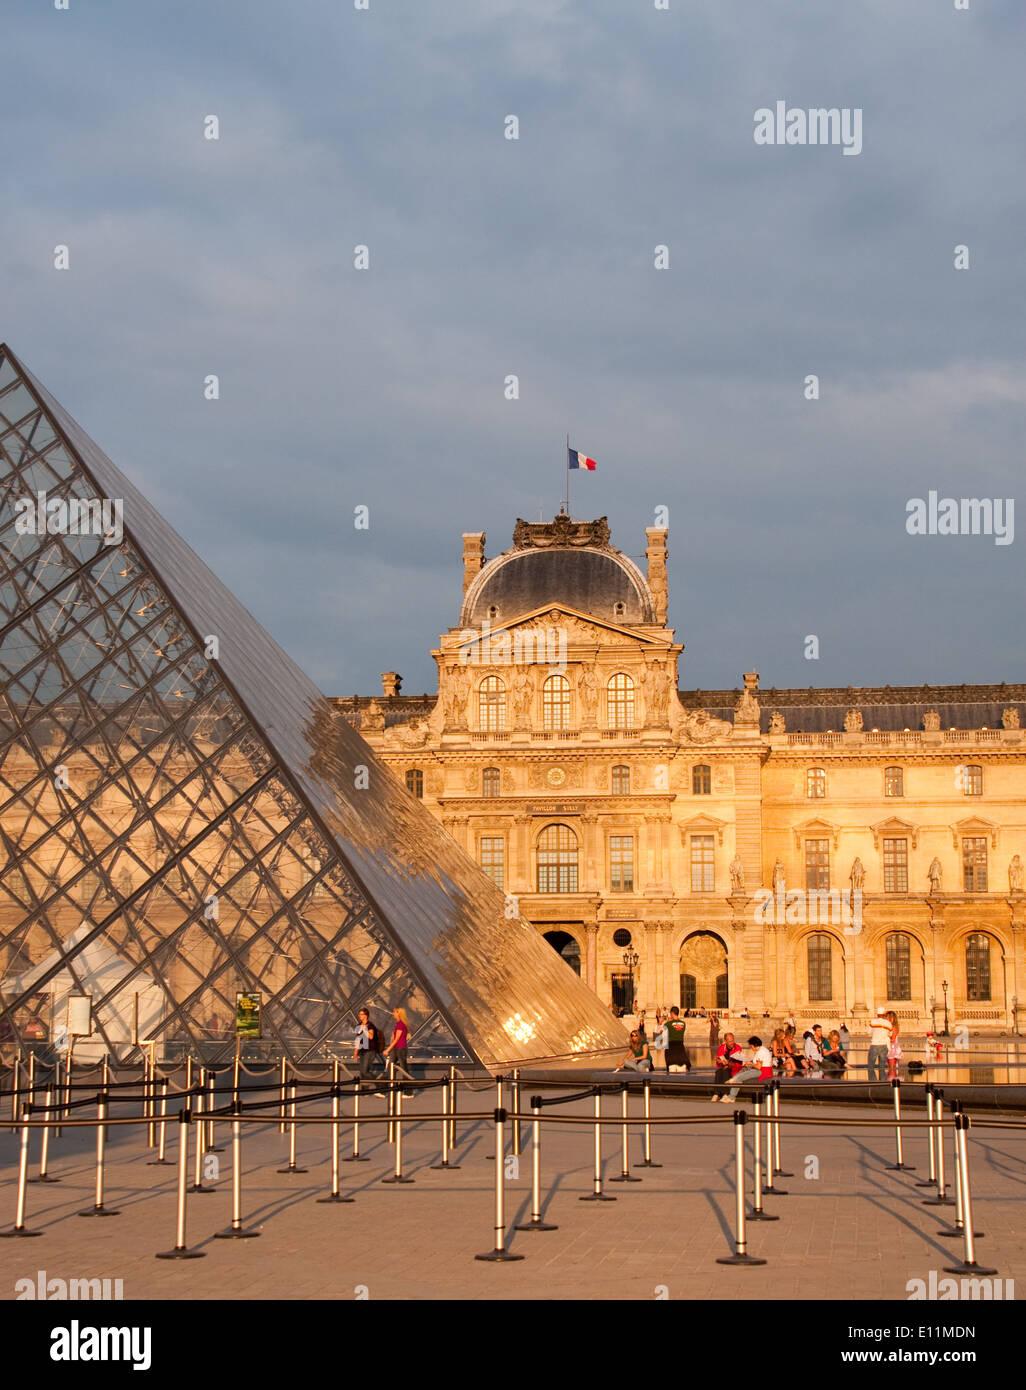 Louvre, Paris, Frankreich - Louvre, Paris, France Stock Photo